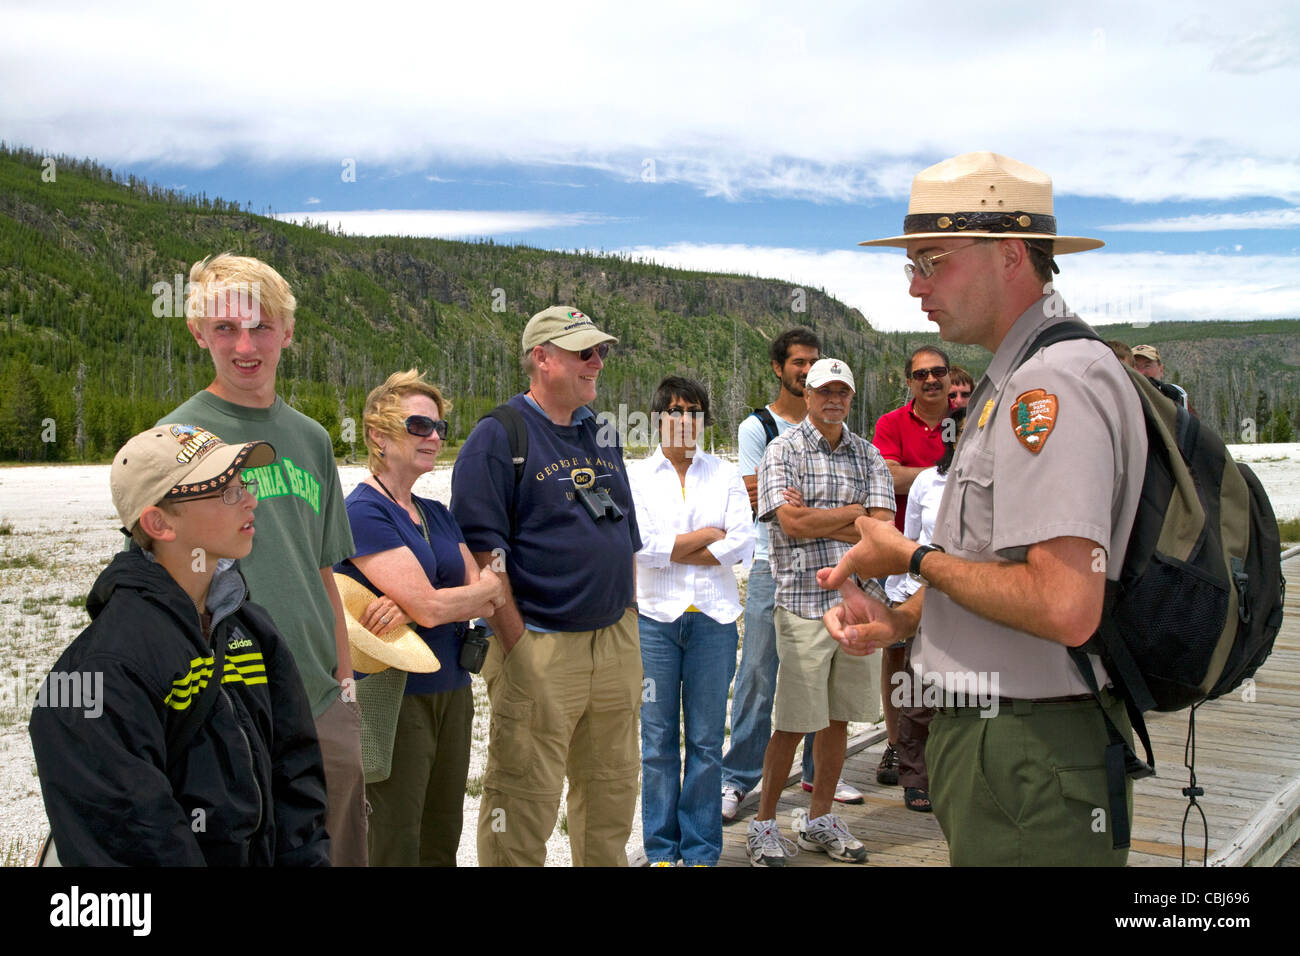 Parkranger, eine Tour Gruppeninformationen über Upper Geyser Basin im Yellowstone-Nationalpark, Wyoming, USA. Stockbild